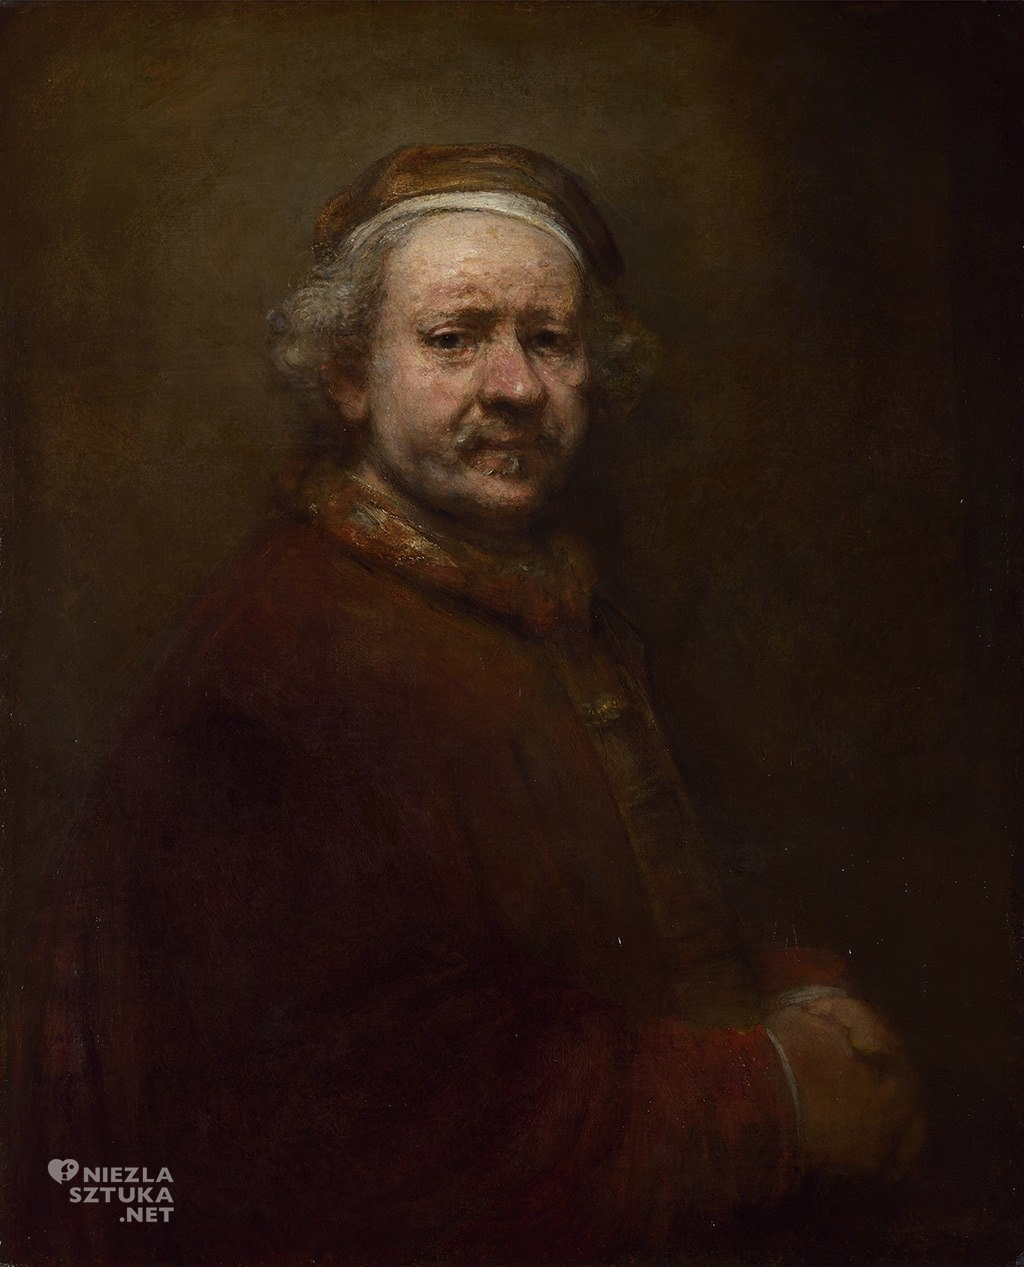 Rembrandt Autoportret w wieku 63 lat | 1669, National Gallery, Londyn